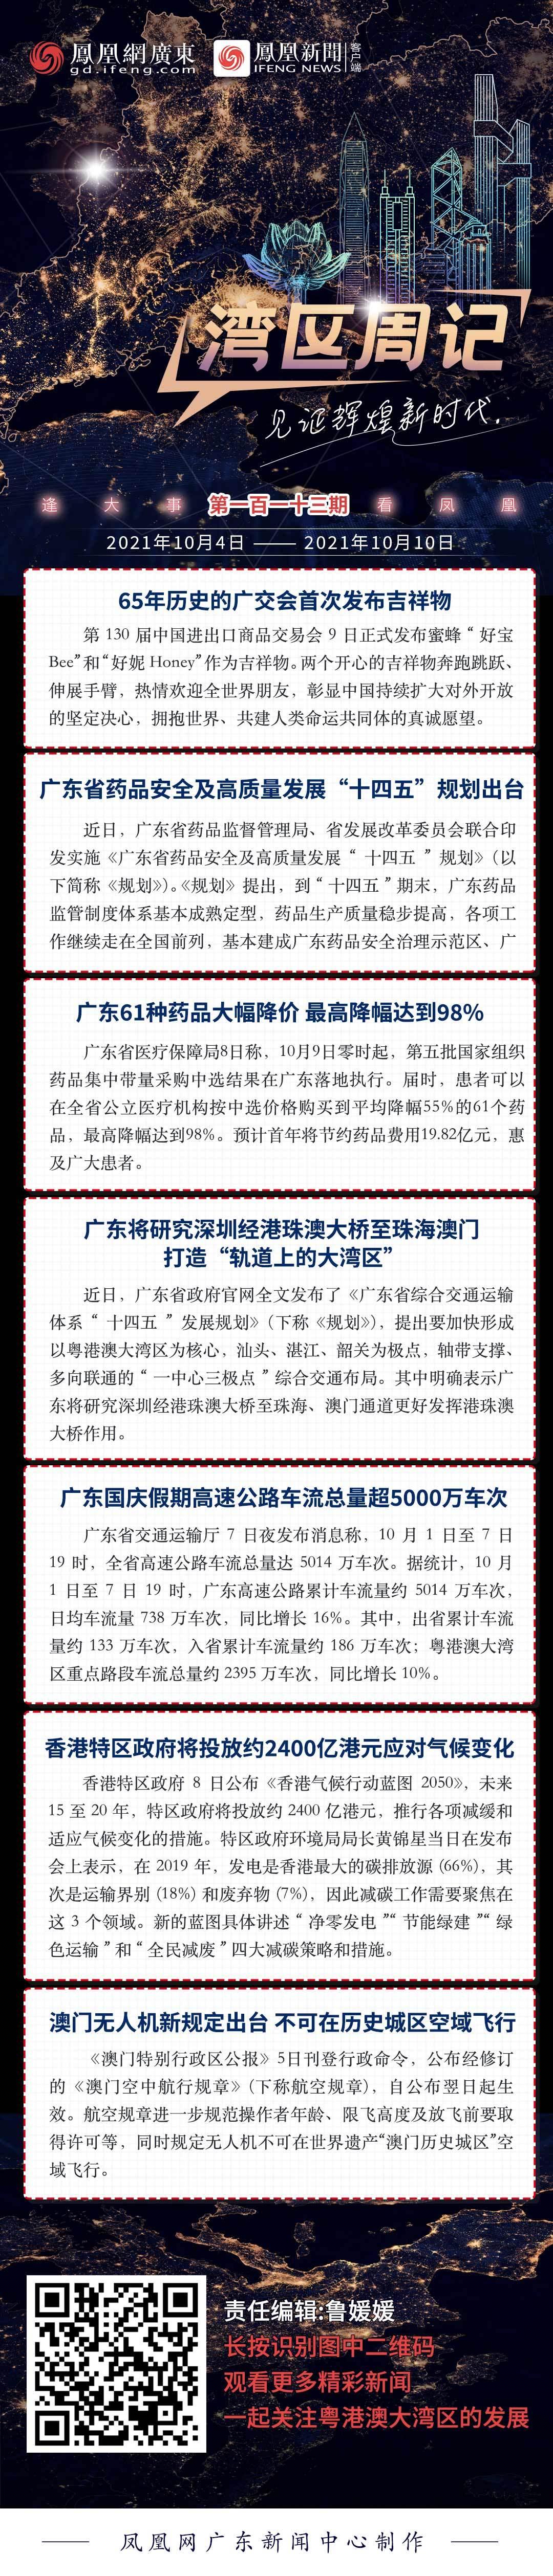 """湾区周记No.113丨广东省药品安全及高质量发展""""十四五""""规划出台"""